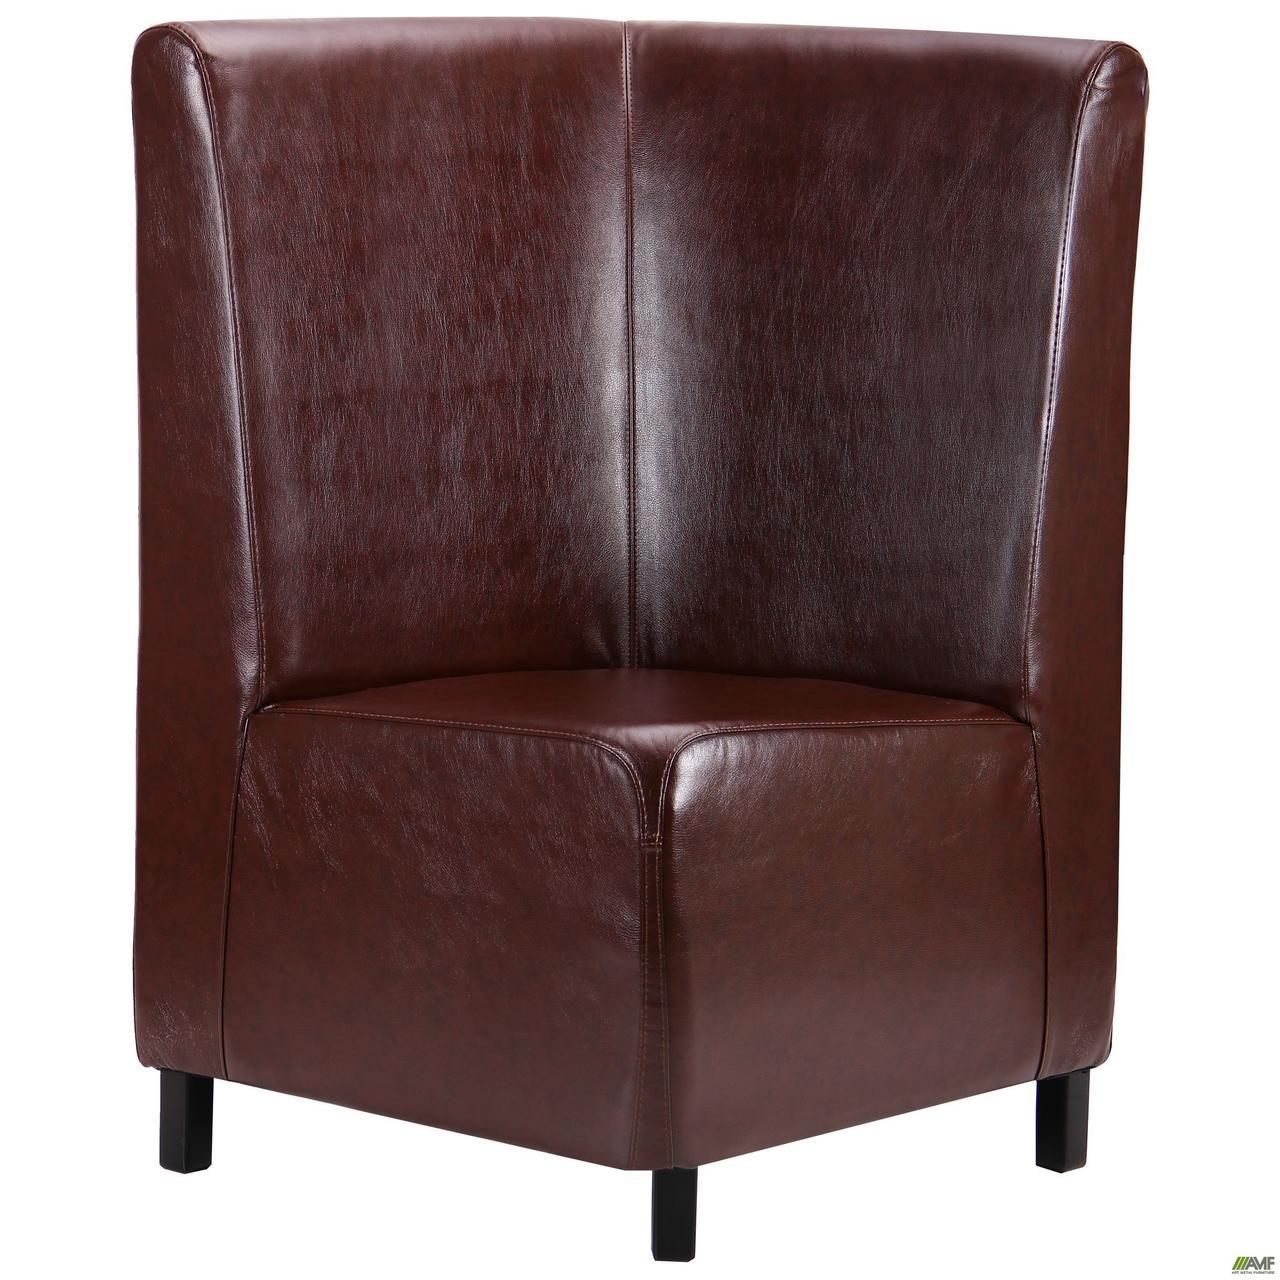 Диван Хит угловой на ножках (Н100), венге, 670*670*1100Н Мадрас дк браун